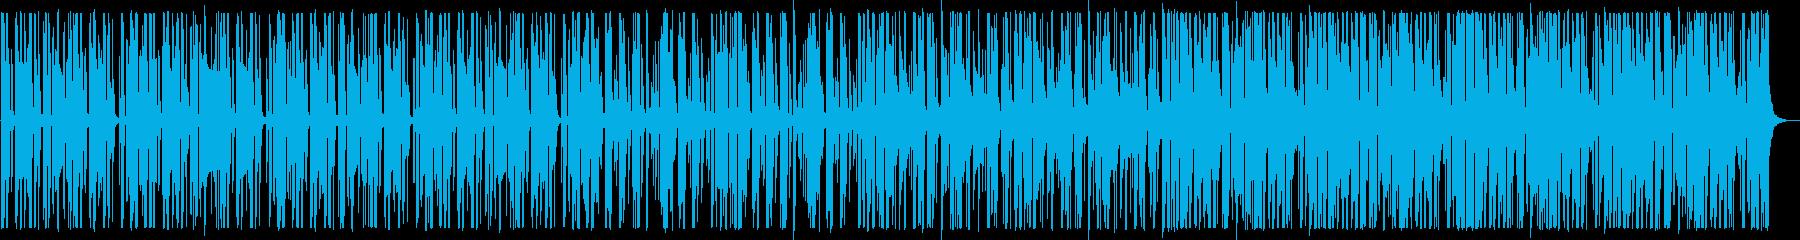 ビートの強いヒップホップ_No445_2の再生済みの波形